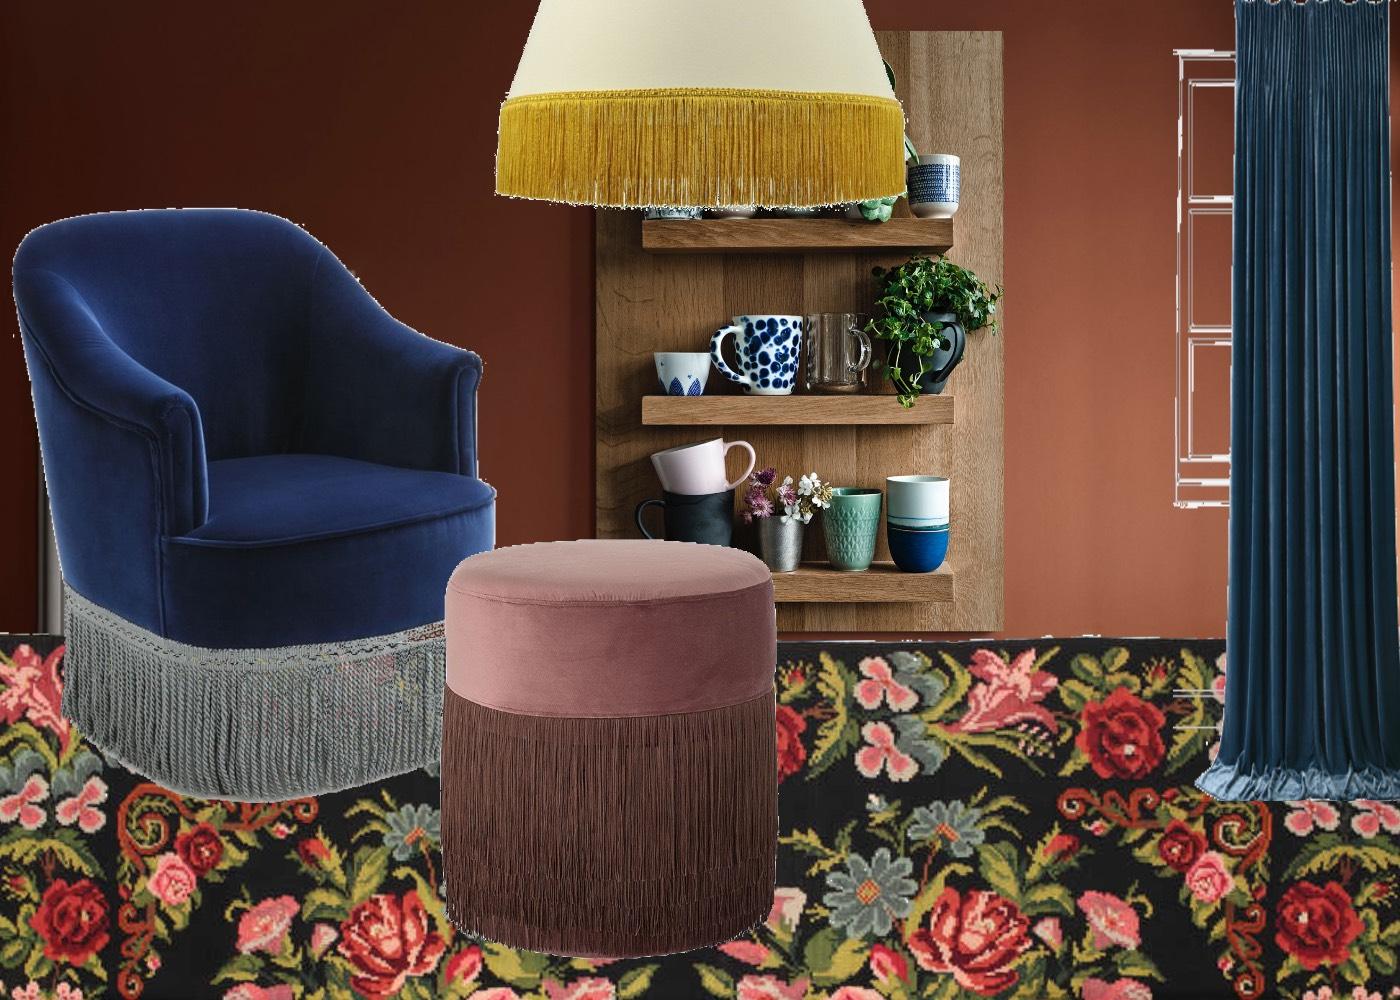 frange ou pas frange toutes les planches setmystyle partagez vos planches tendances. Black Bedroom Furniture Sets. Home Design Ideas